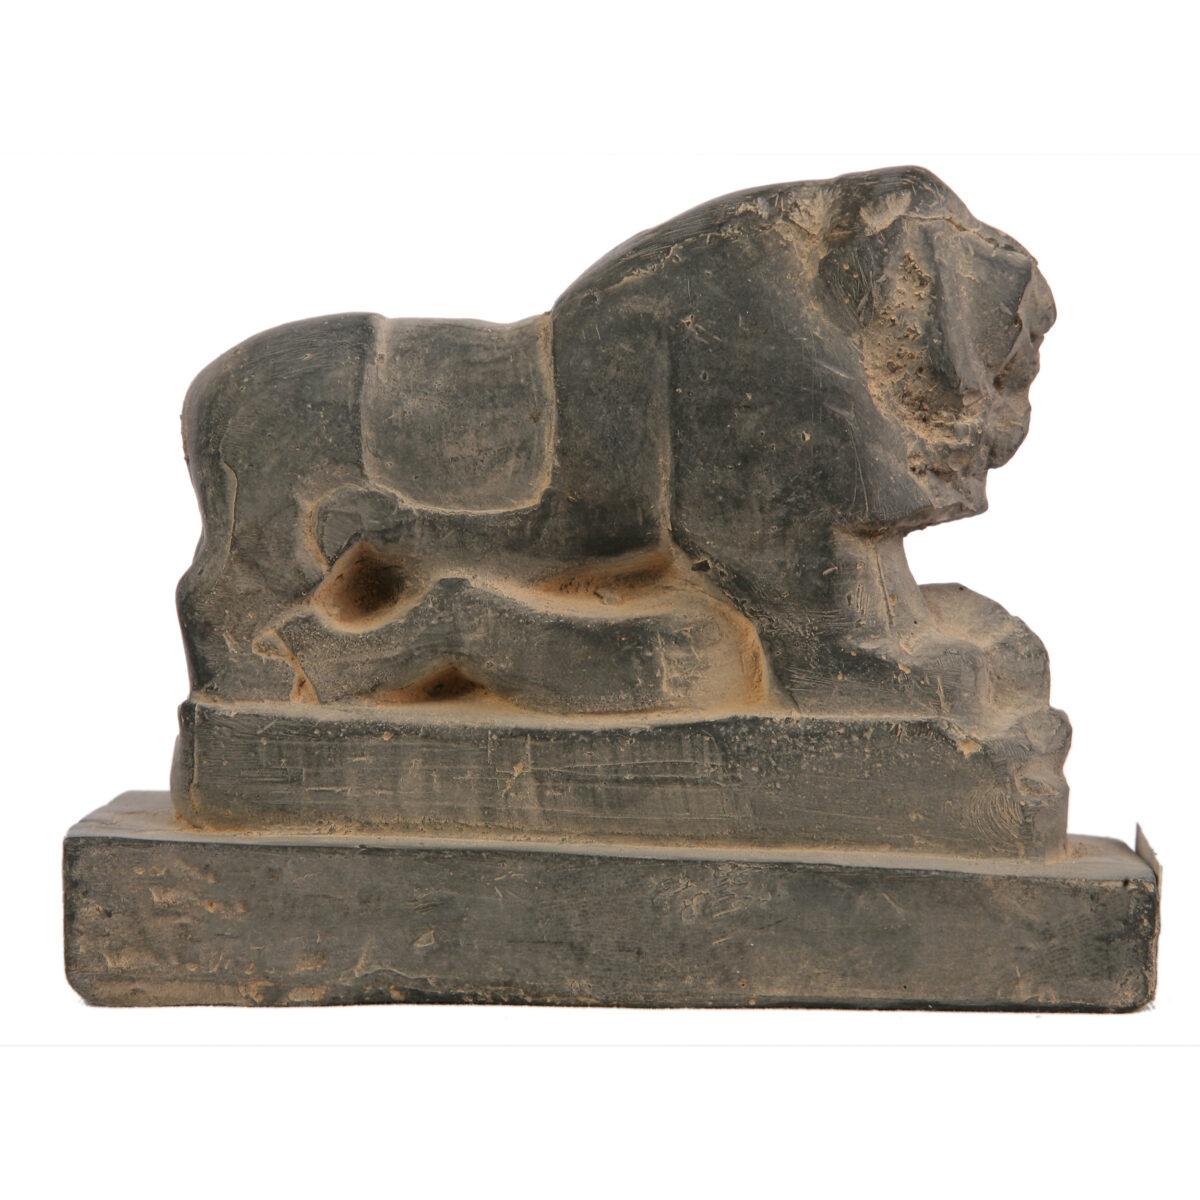 مجسمه تندیس و پیکره شهریار مدل شیر بابل کد MO3230